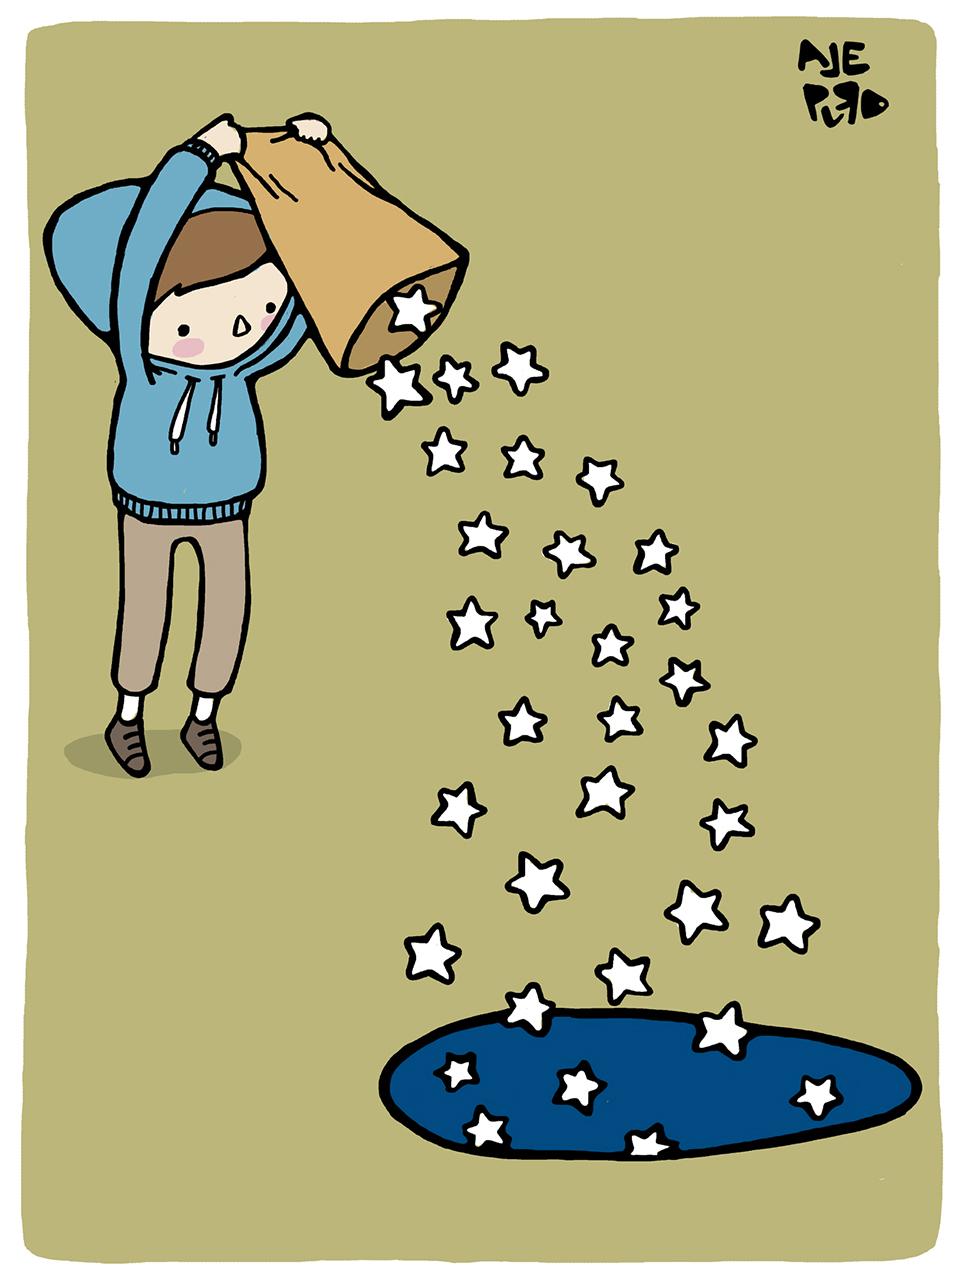 ale puro stars